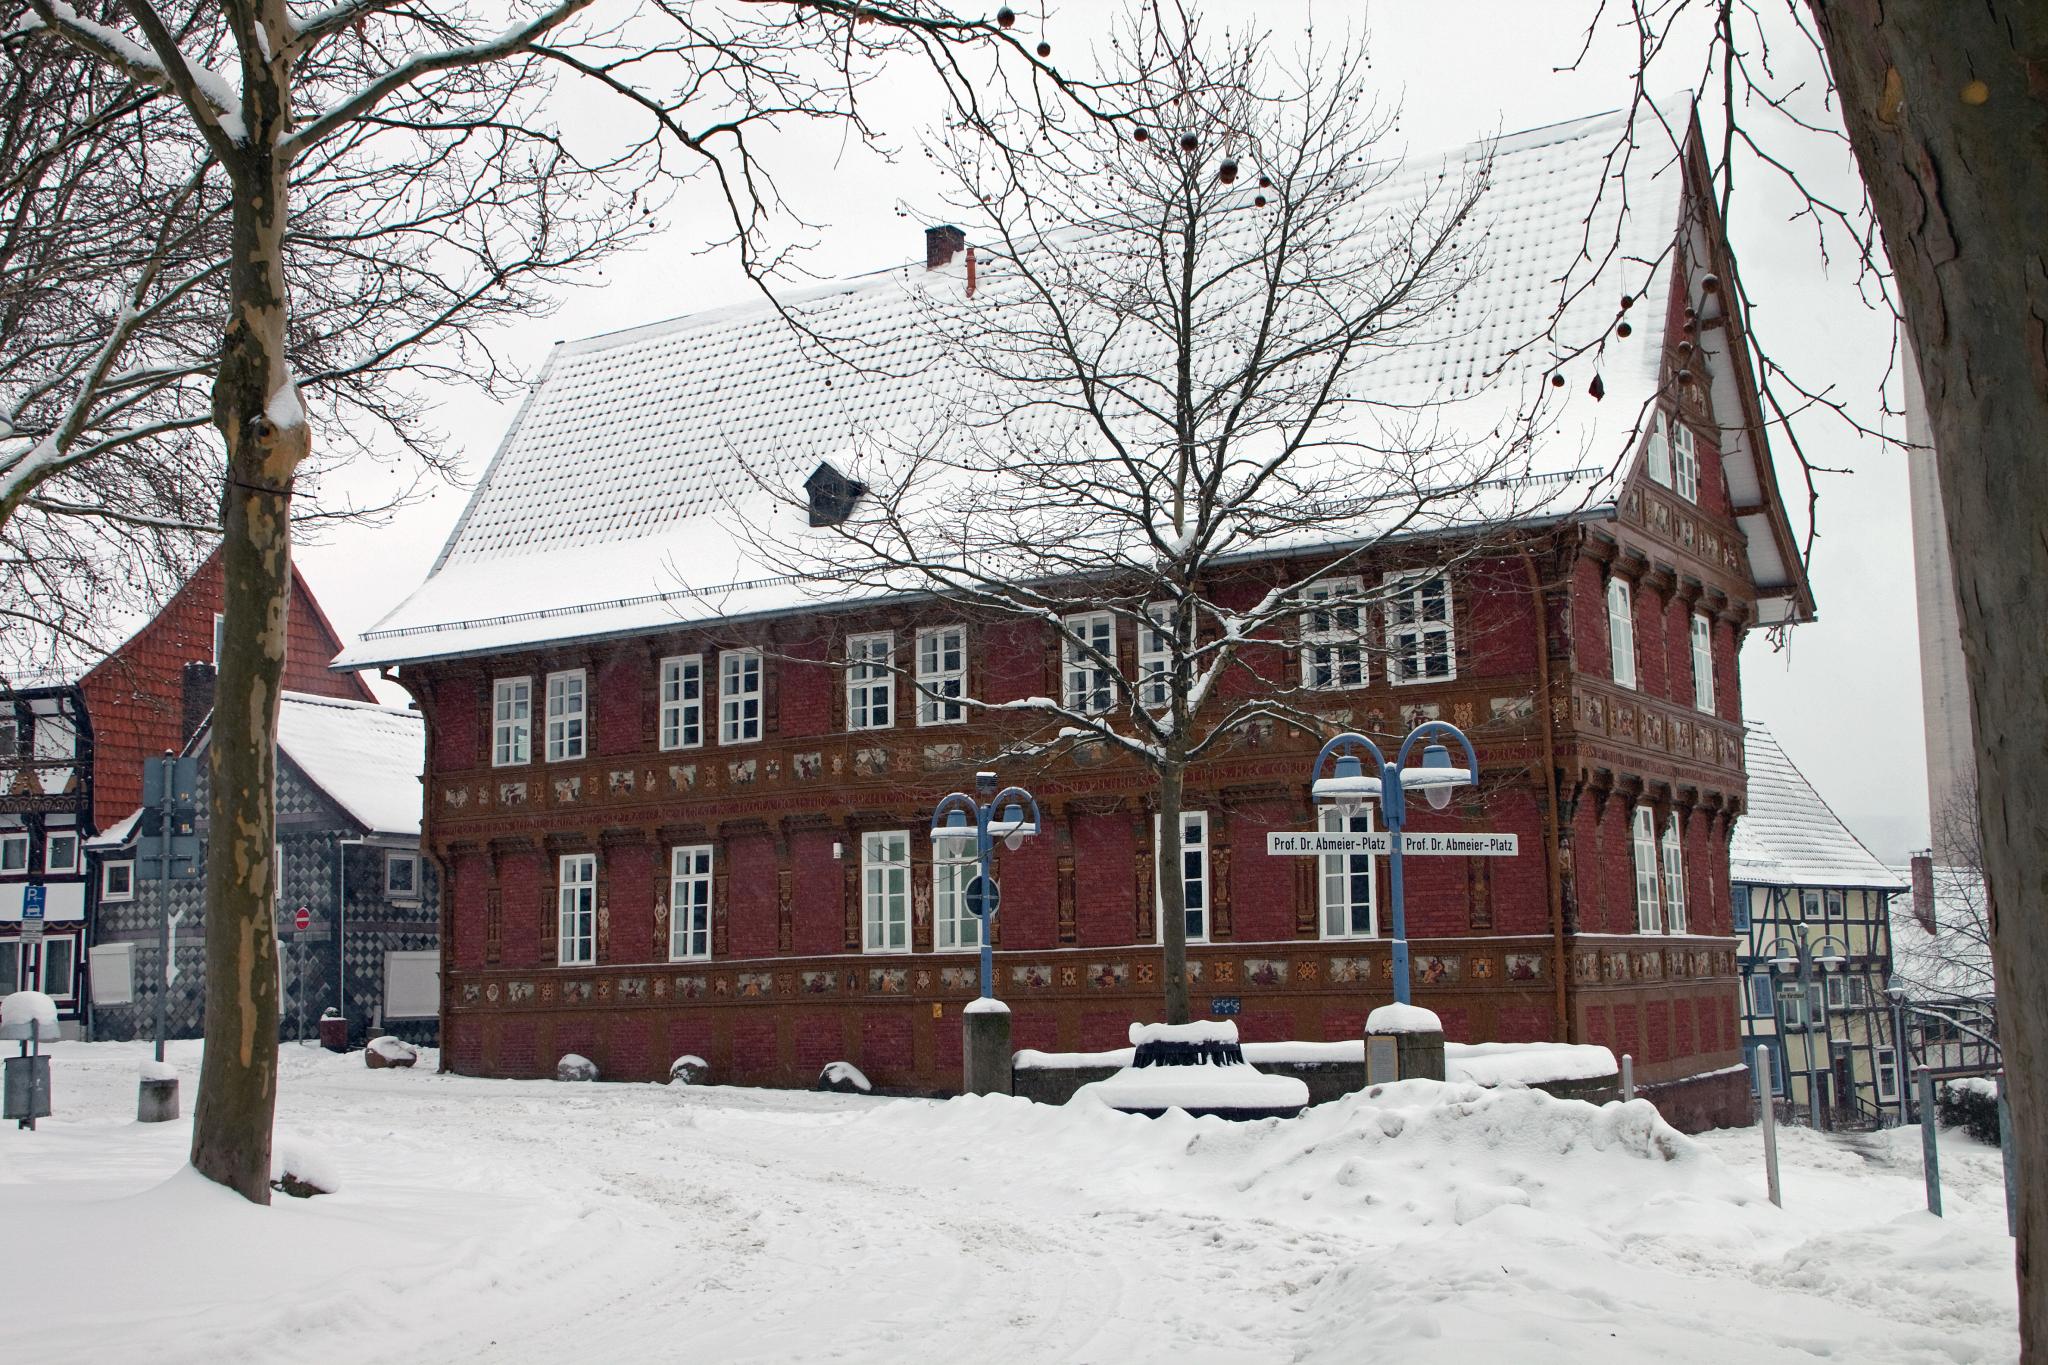 AlteLateinschule2010-01-Winter